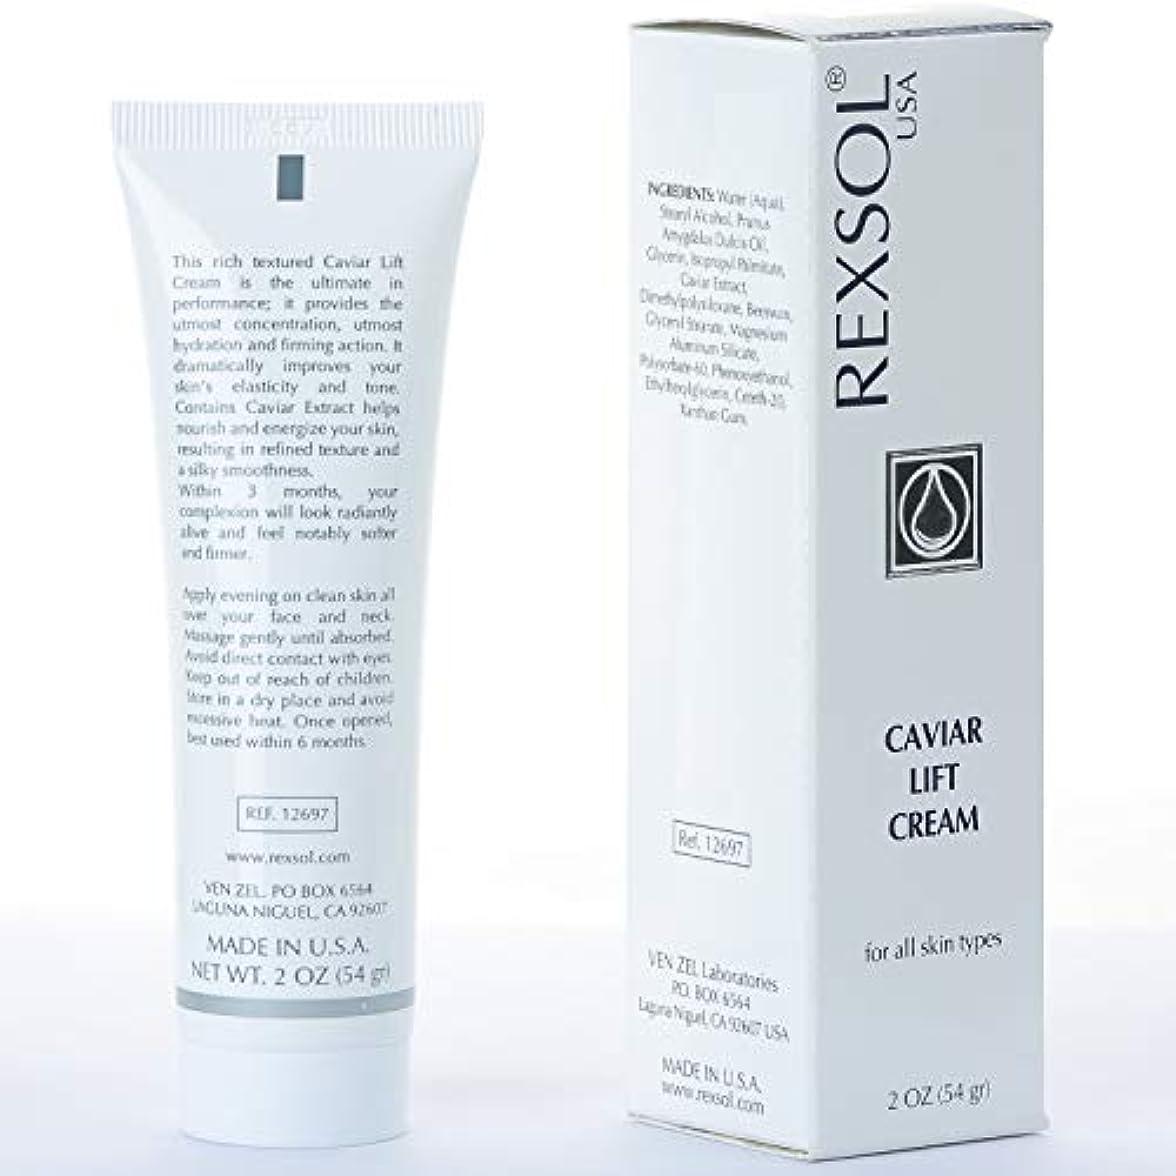 リビングルーム祈りマウントREXSOL Caviar Lift Cream | Contains Prunus Amygdalus Dulcis Oil, Glycerin, Beeswax & Caviar Extract | あなたの肌の弾力...